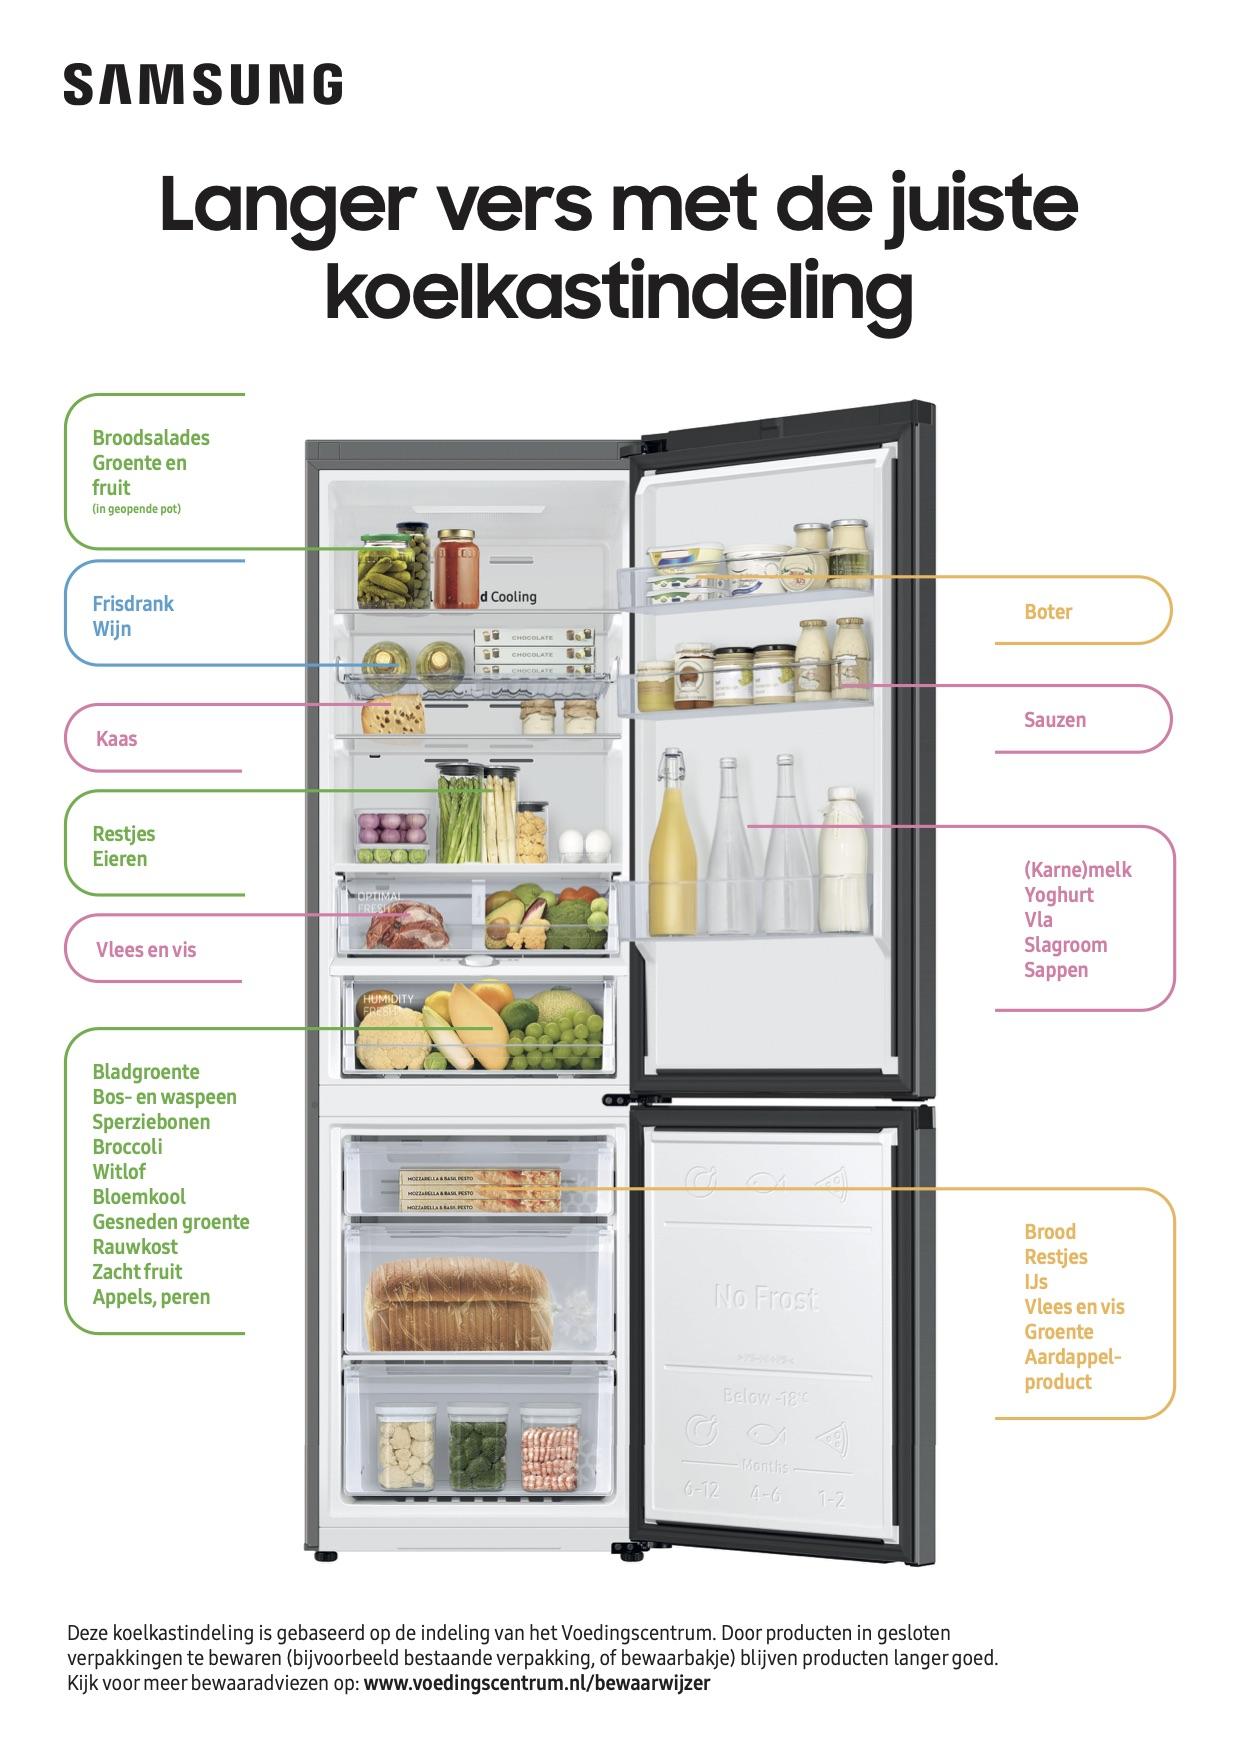 Bewaarwijzer koelkast - voedingscentrum #koelkast #indelen #bewaartips #voedselverspilling